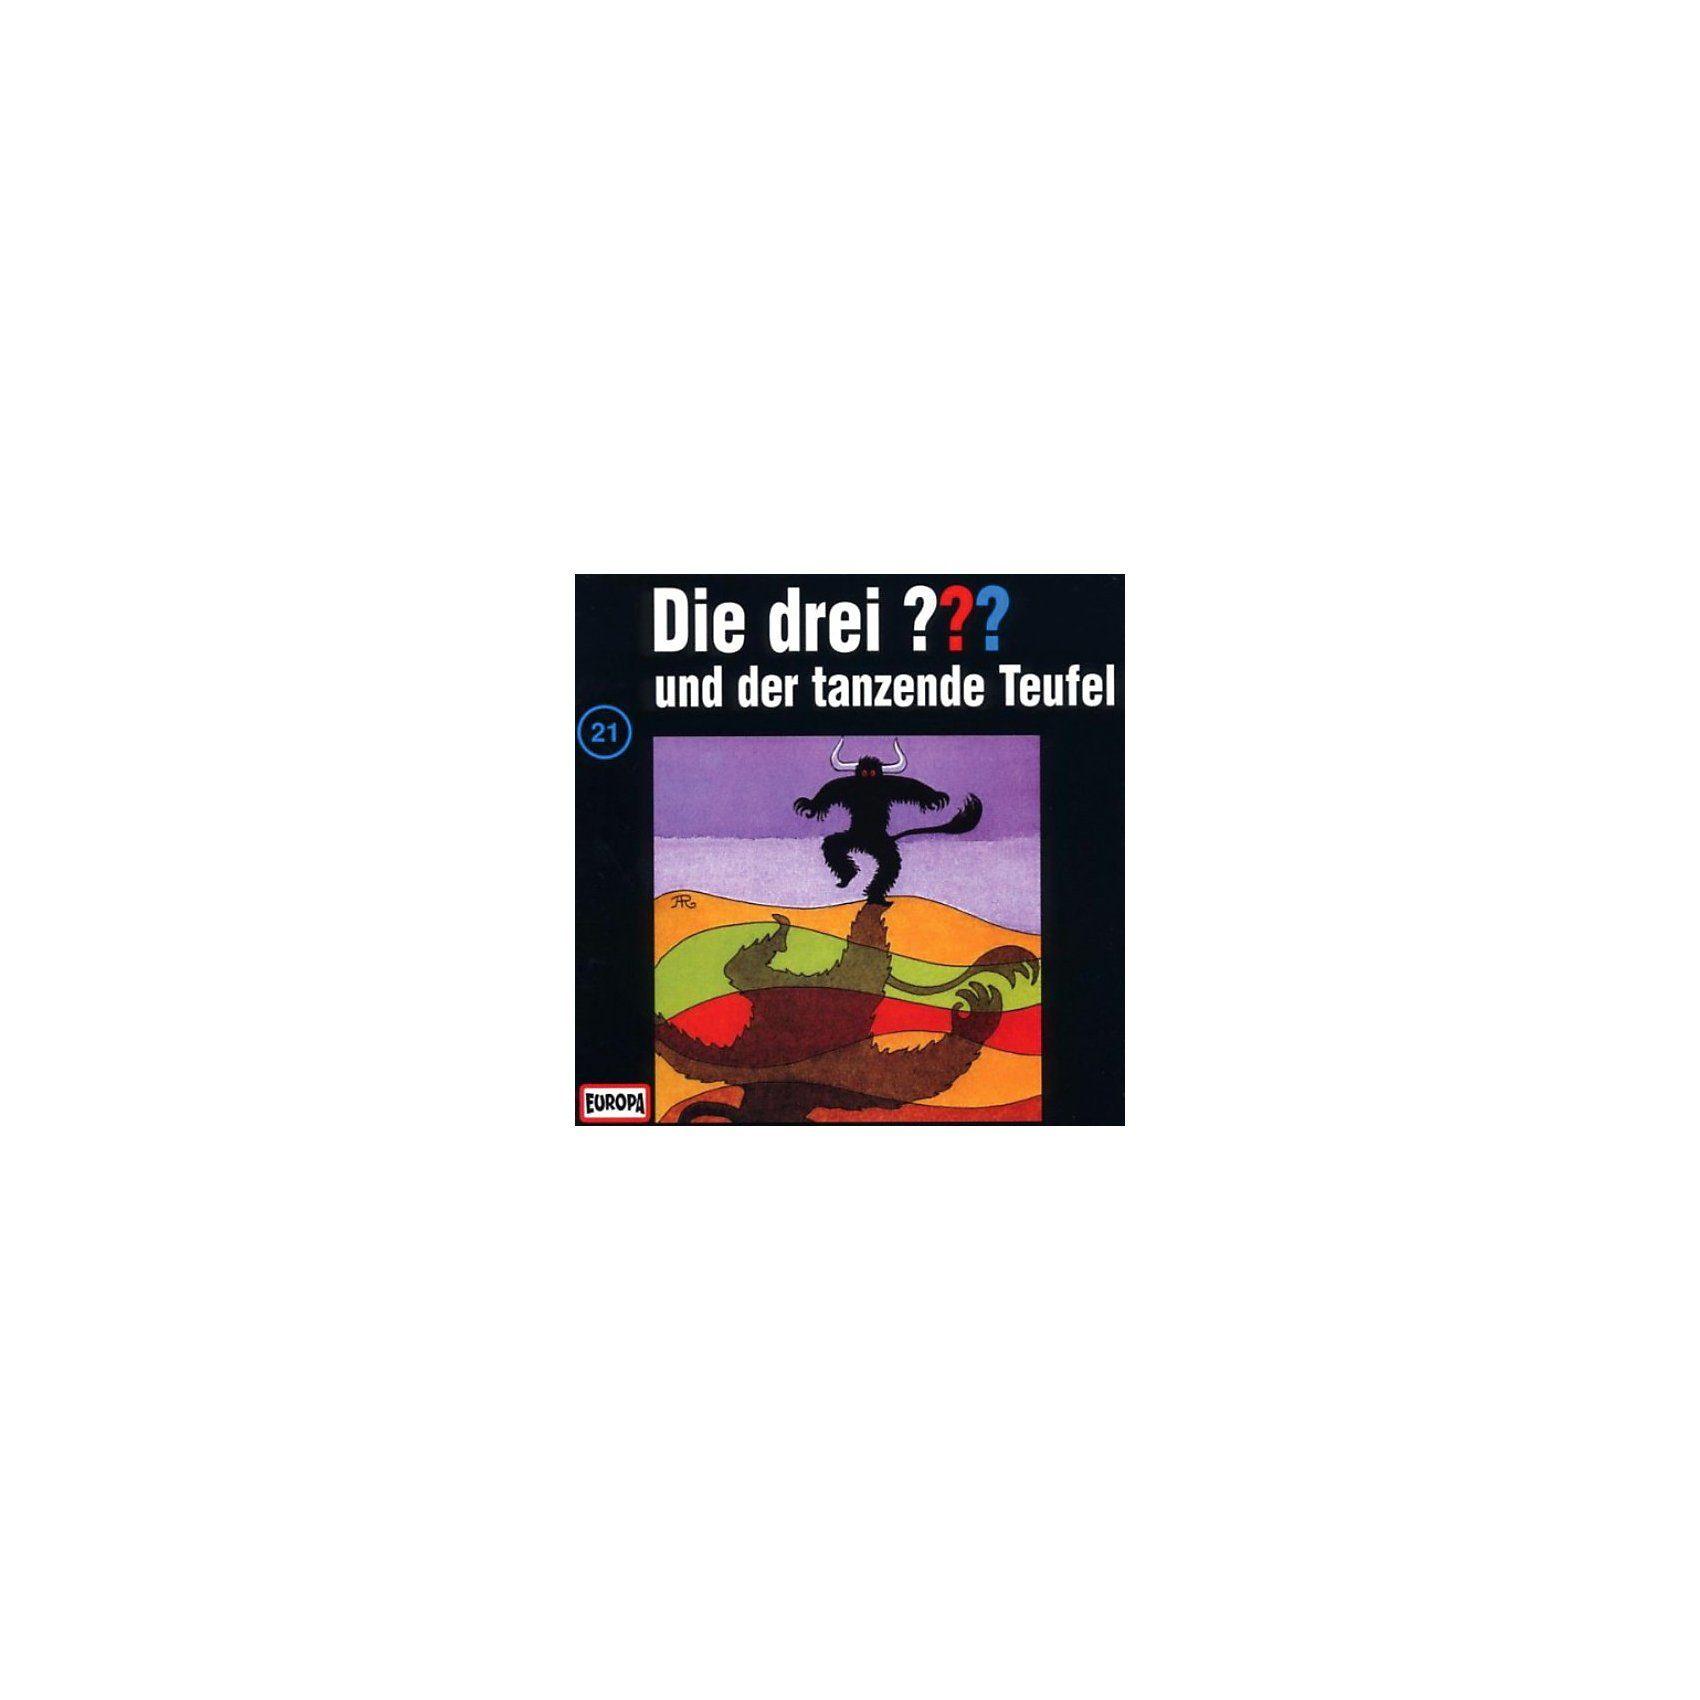 Sony CD Die Drei ??? 021/und der tanzende Teufel